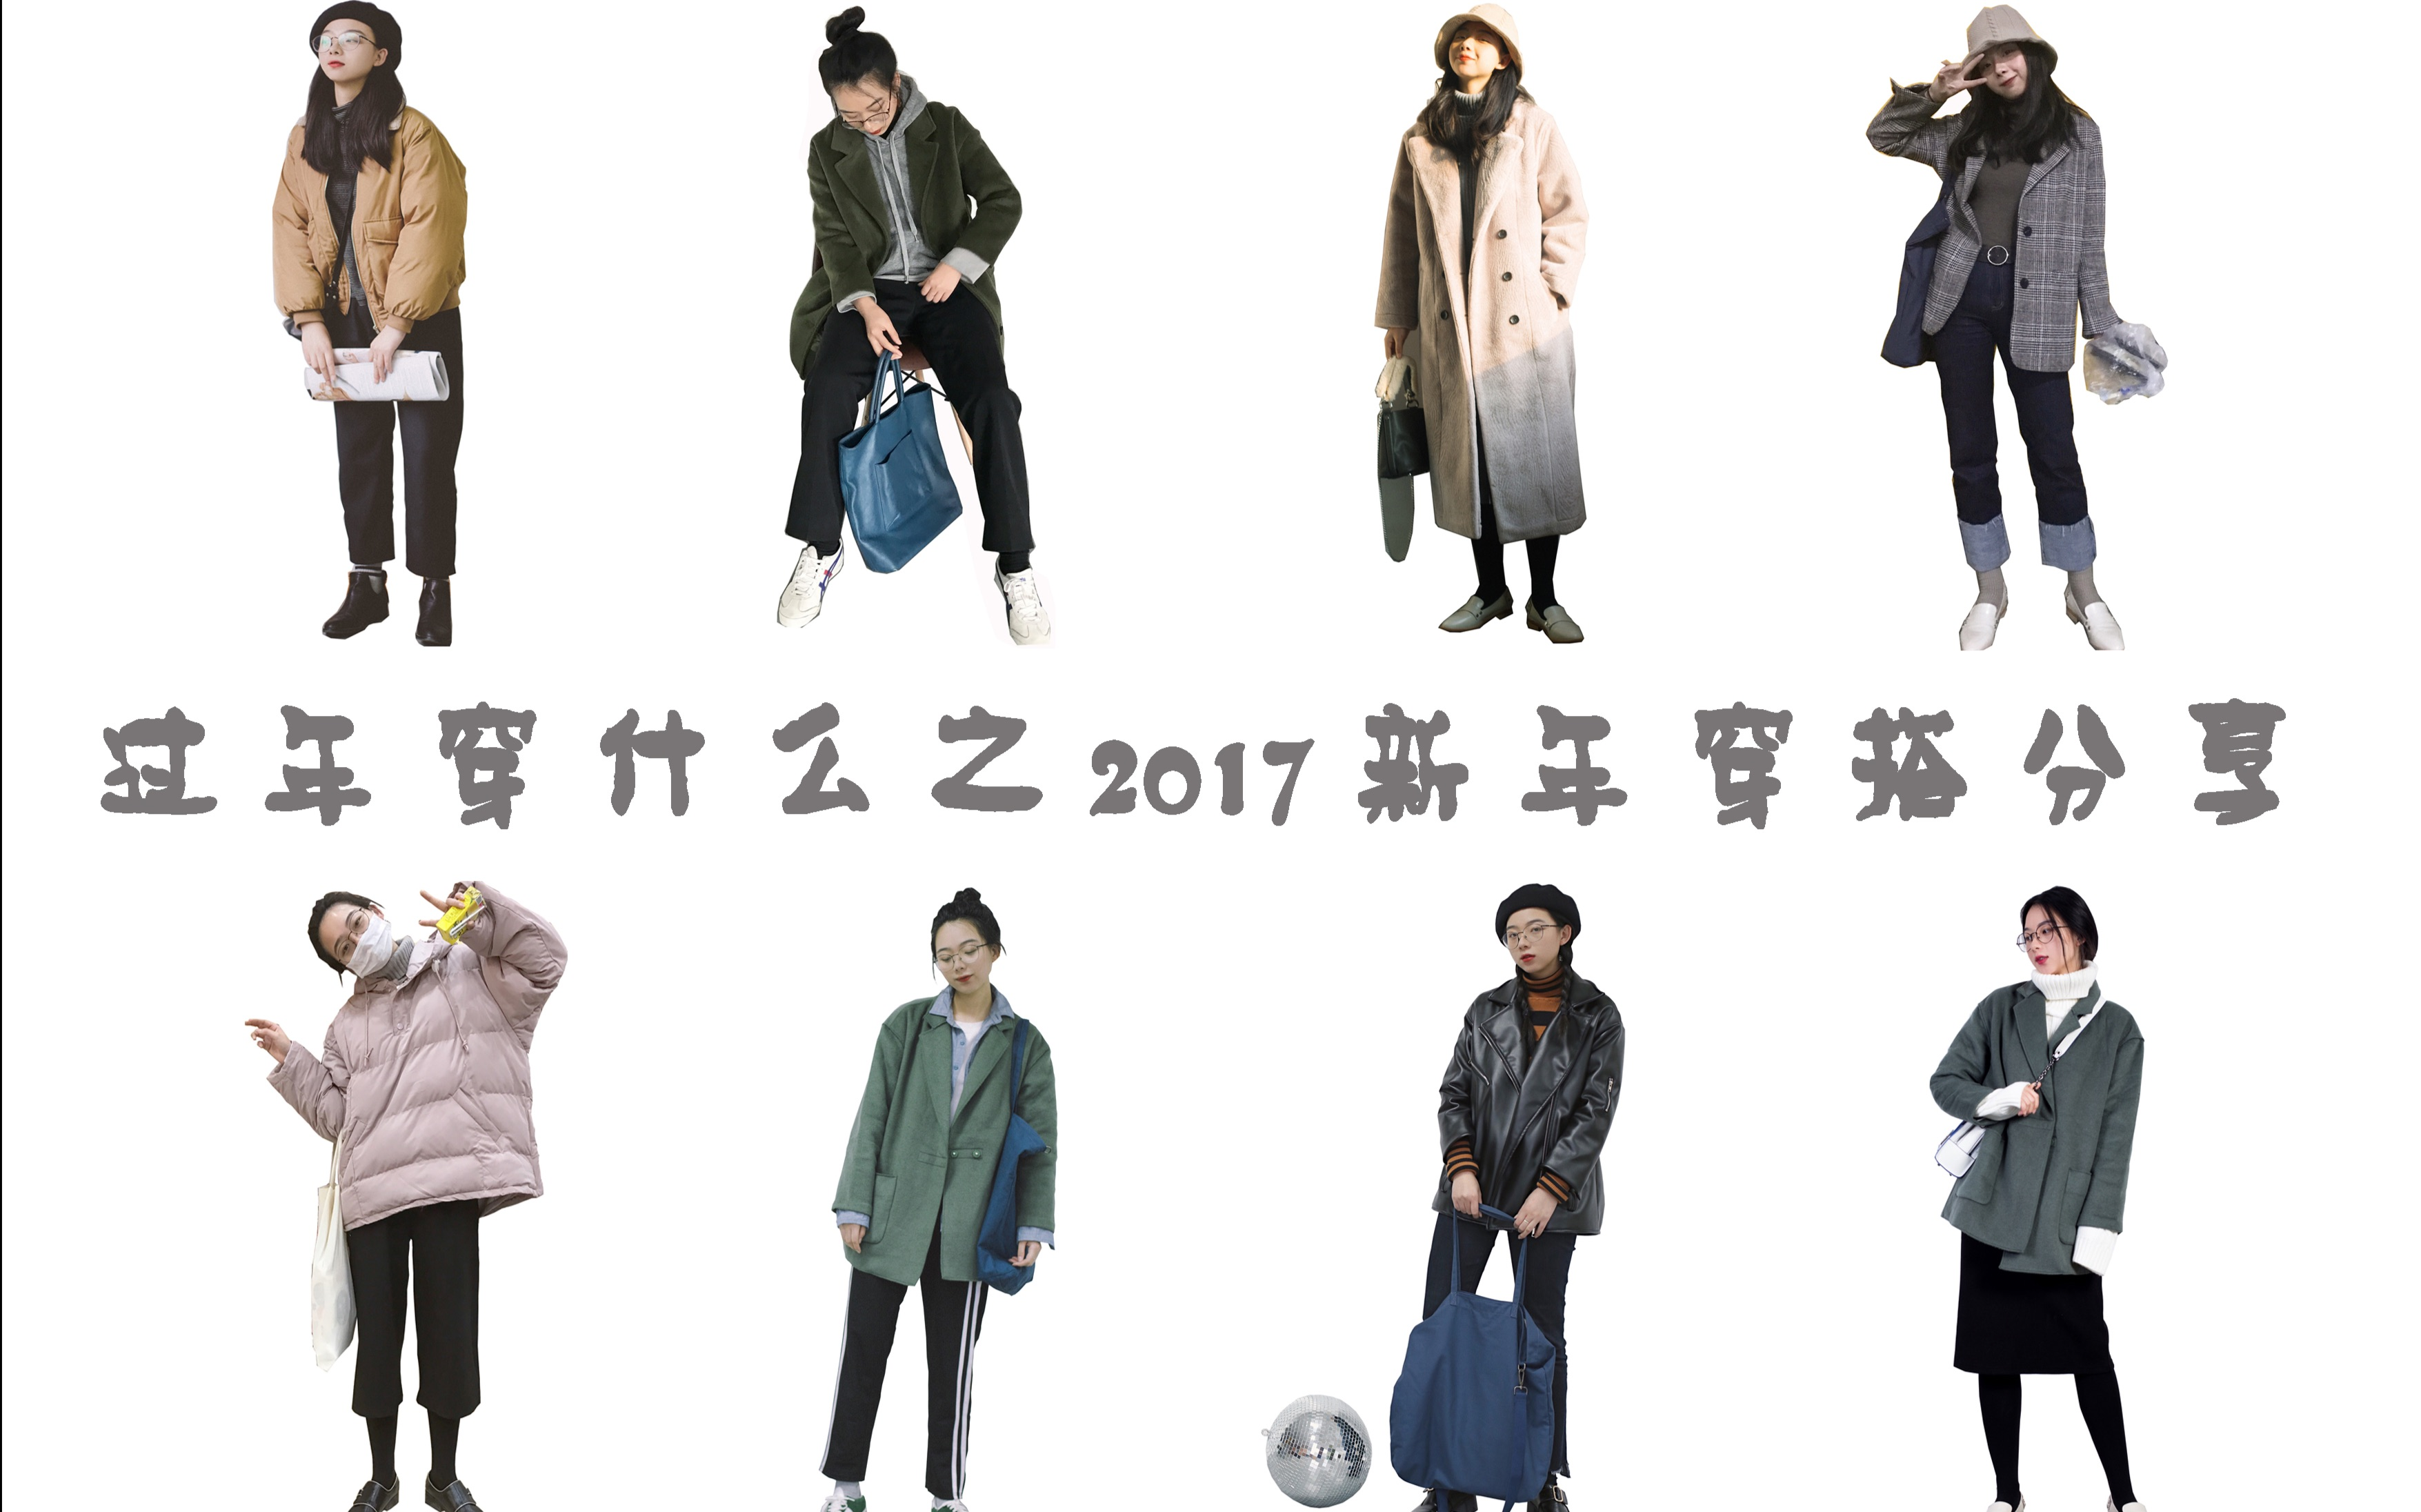 [新年穿搭]想好过年穿什么了吗?新年穿搭大放送(各种各样的风格)